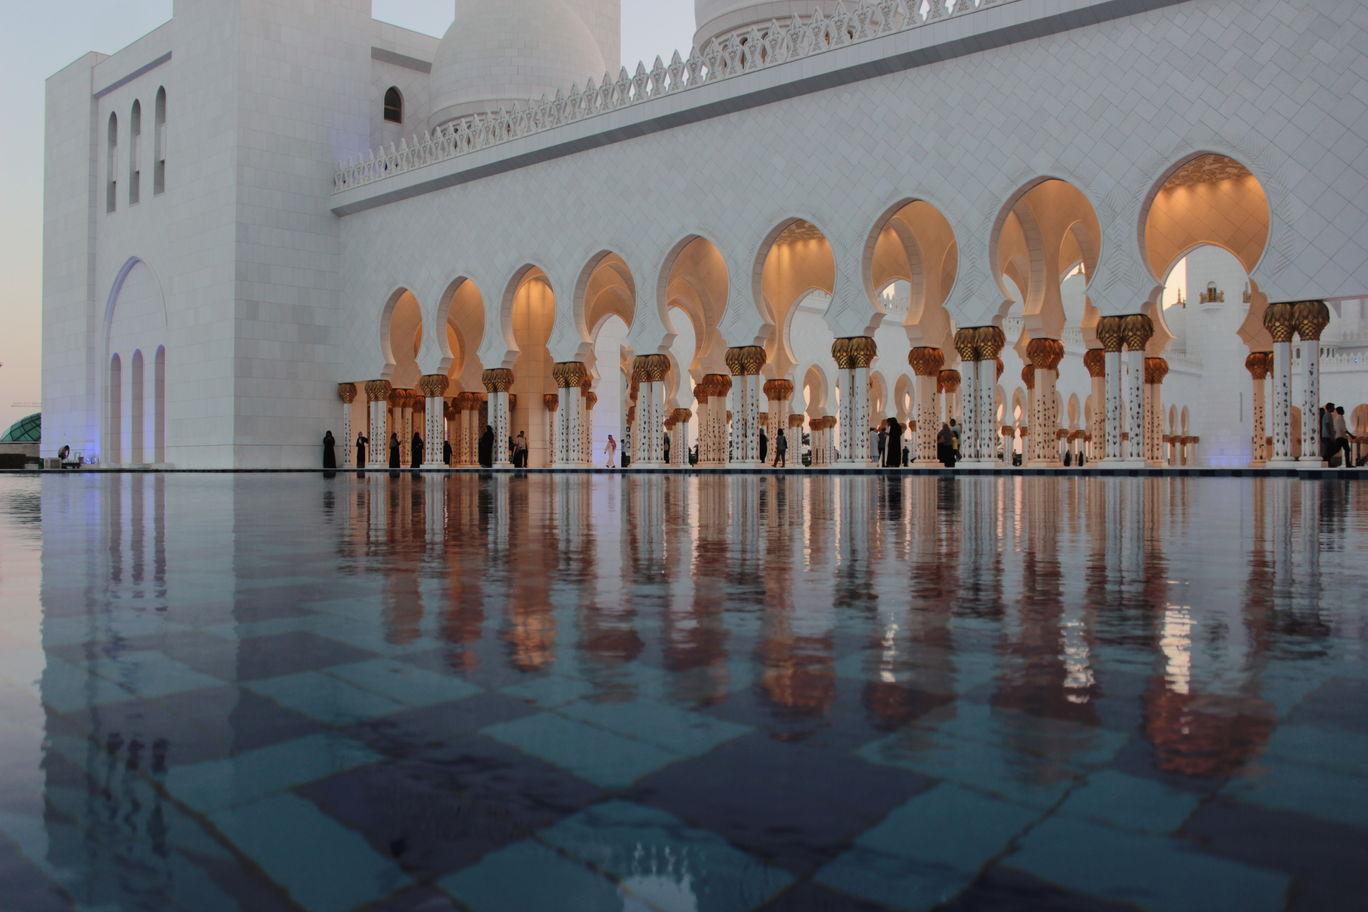 Photo of Abu Dhabi - United Arab Emirates By ANKIT SHAH